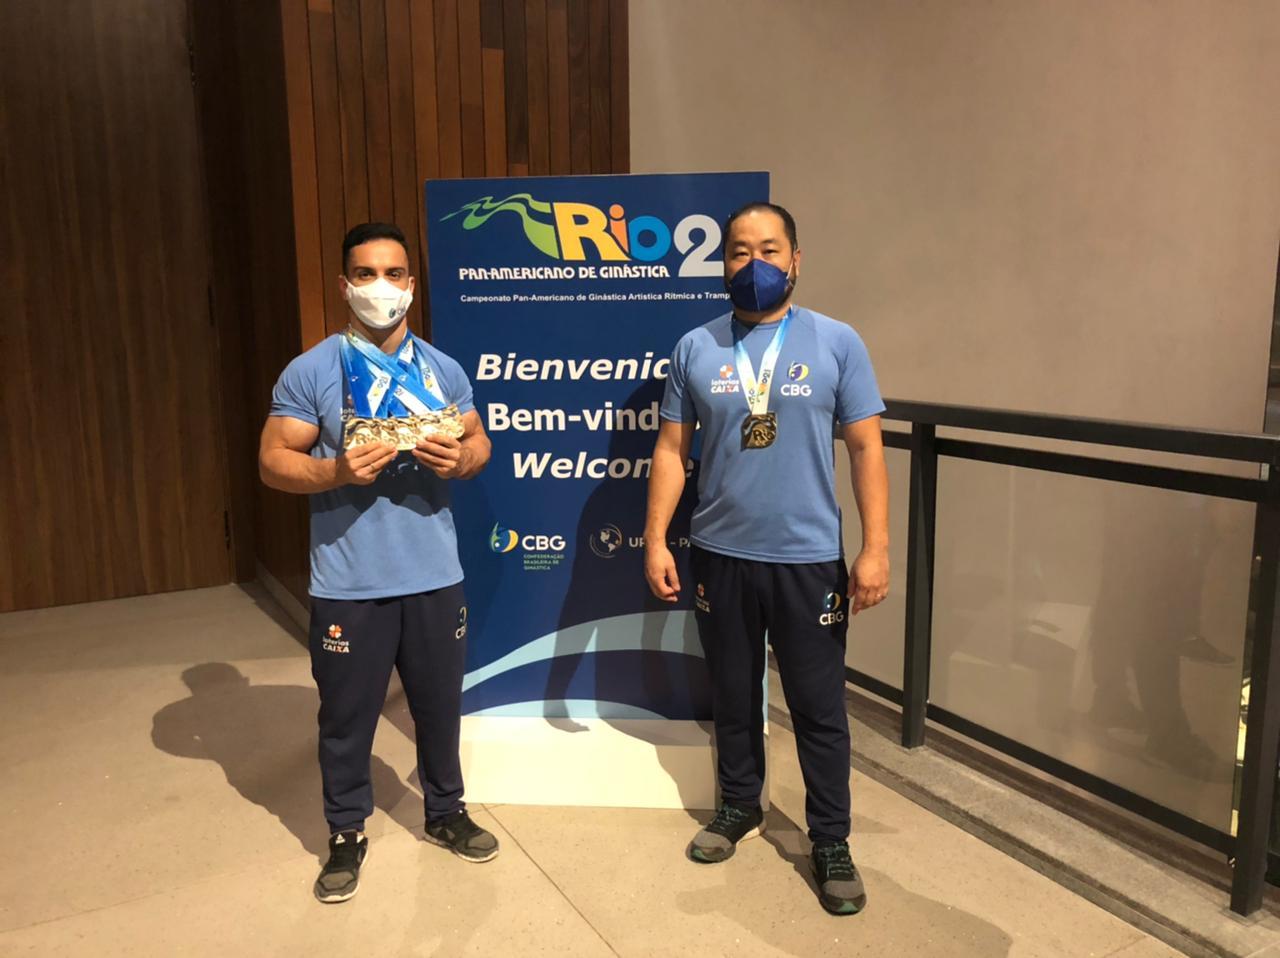 Caio Souza e o técnico Ricardo Yokoyama com as medalhas do Pan-americano